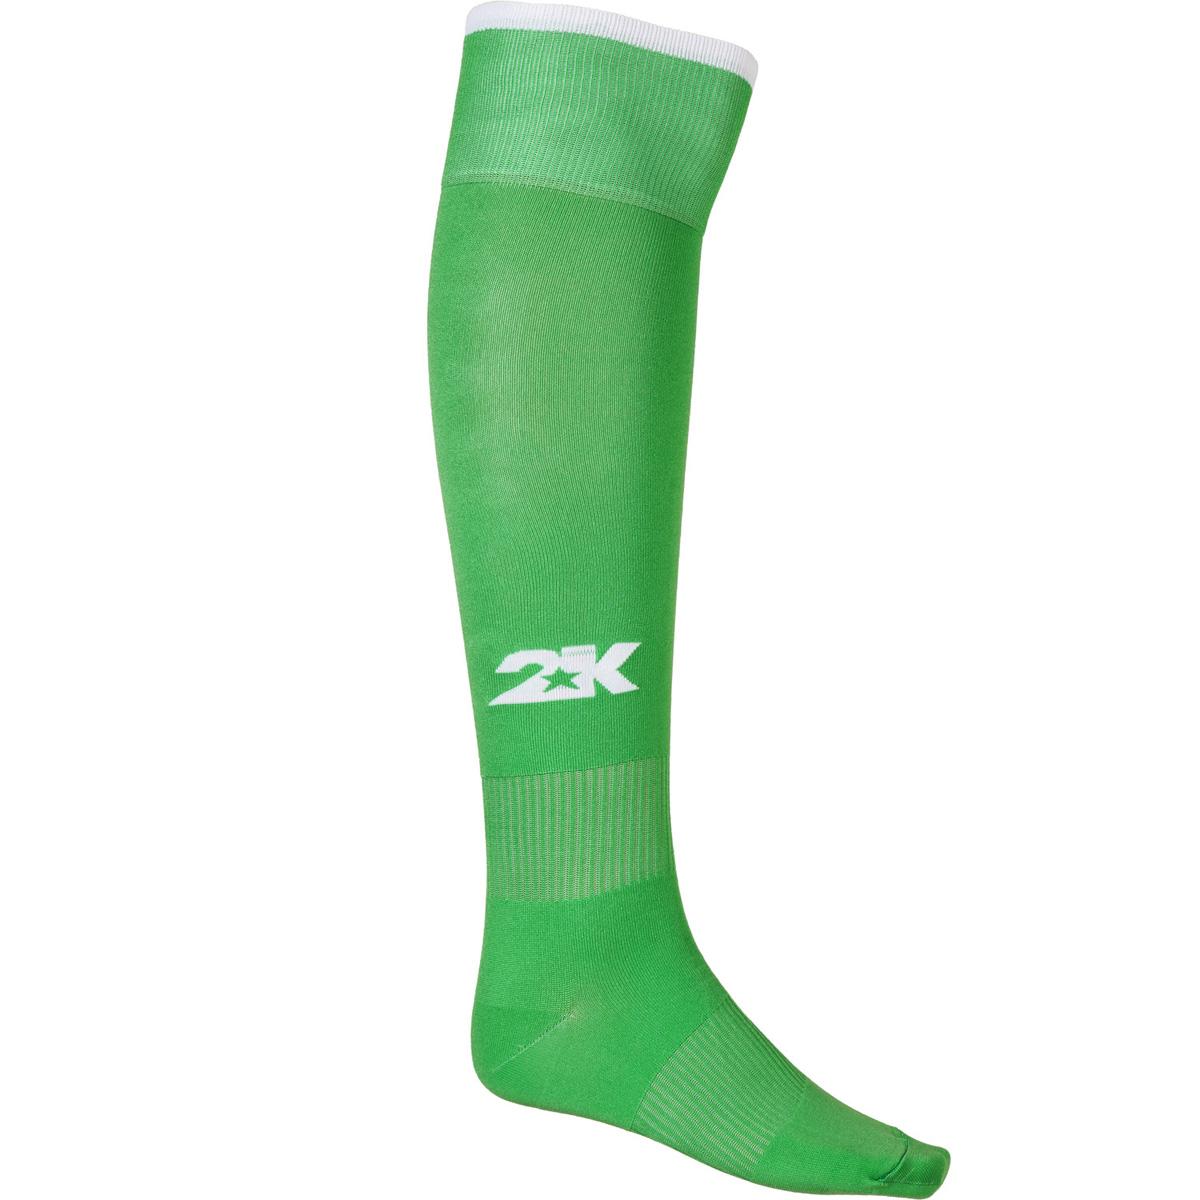 Гетры футбольные 2K Sport Classic, цвет: зеленый, белый. 120334. Размер 41/46120334_green/whiteКлассические футбольные гетры выполнены из высококачественного материала. Оформлены логотипом бренда.